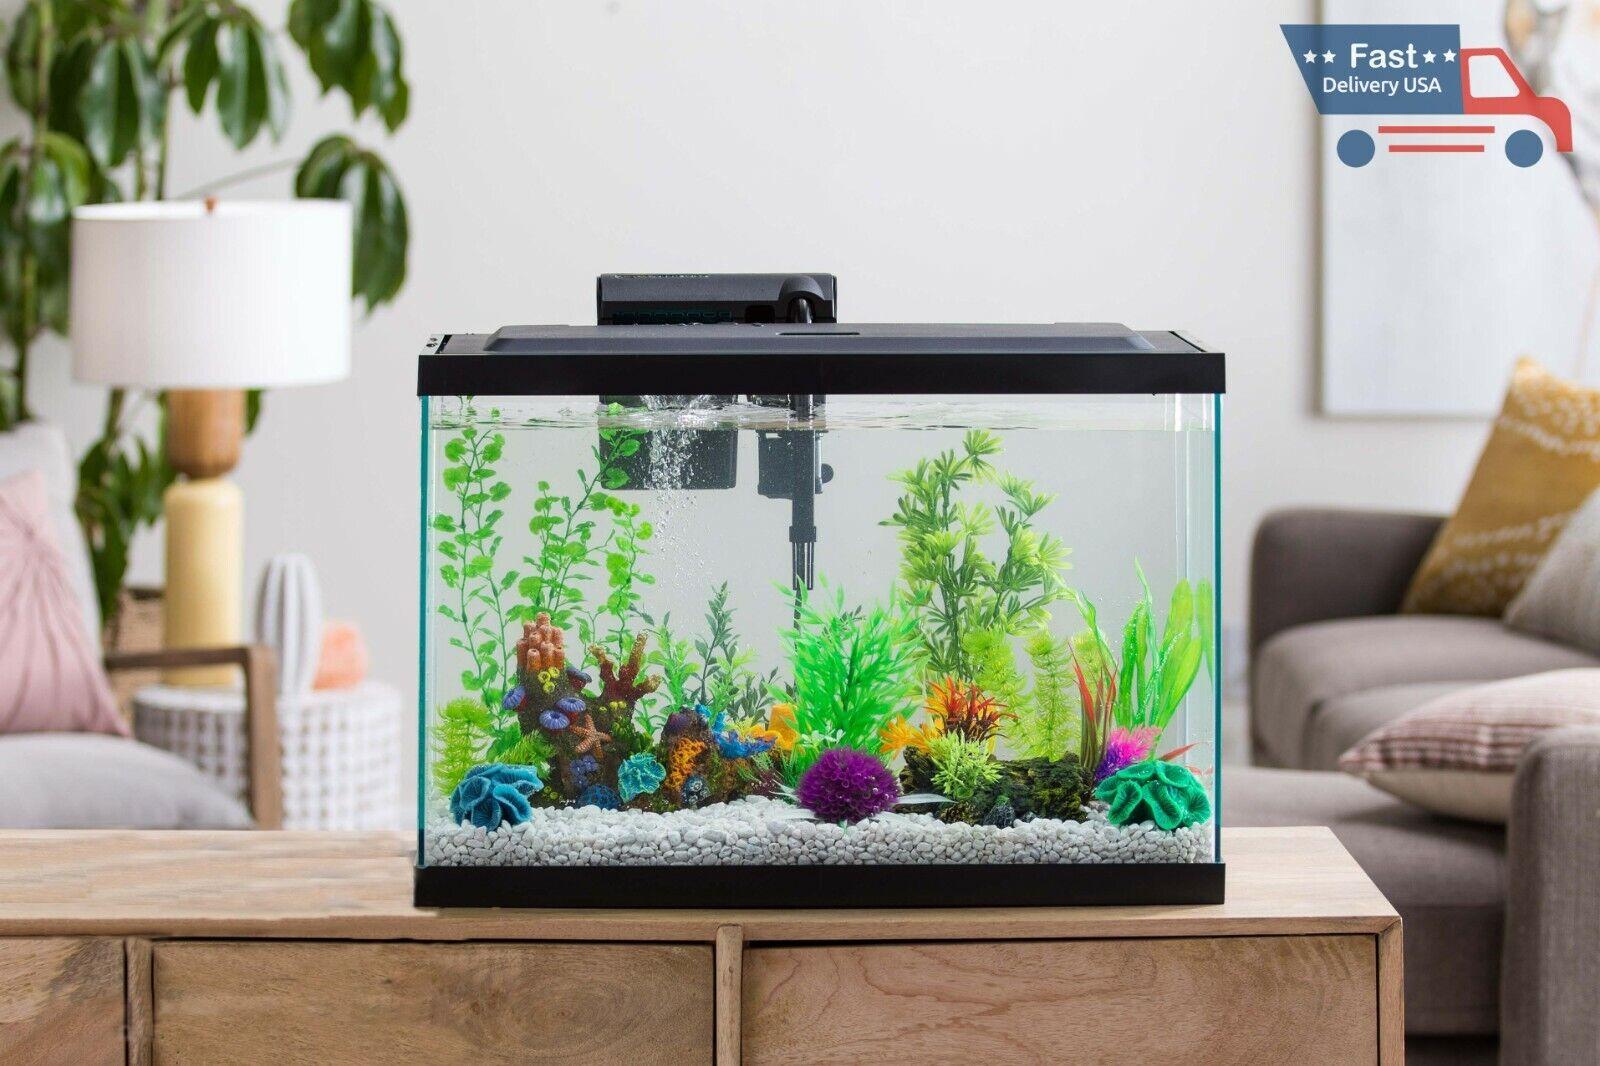 10 Gallon Fish Tank Home Office Betta Aquarium Kit Led Filter Pet Bowl Ornaments